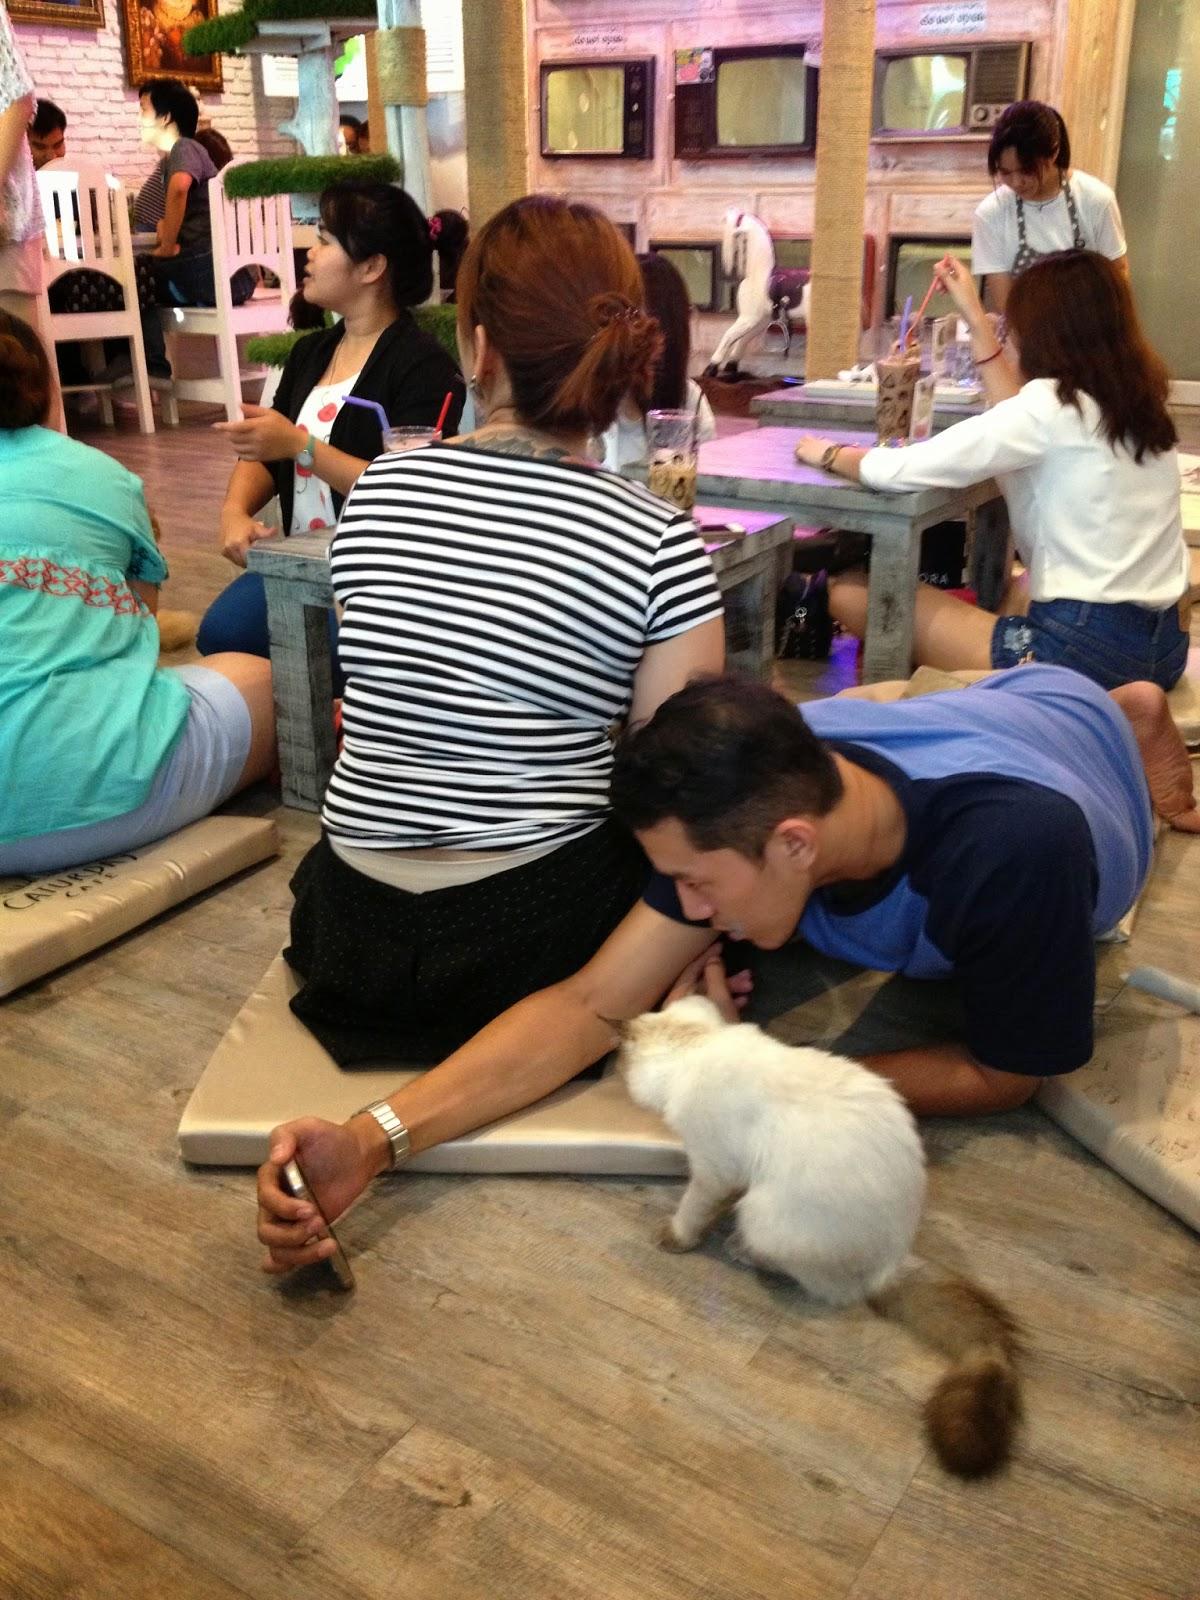 kočky, milovníci koček, blog o kočkách,blog o Thajsku, Sirocco Bangkok, restaurace Bangkok, Lebua Bangkok, Lebua Thajsko, Sirocco Thajsko, The Dome Thajsko, blog o bangkoku, thajský blog, kam zajít v Bangkoku, co navštívit v Bangkoku, co navštívit v Thajsku, nejlepší místo v Bangkoku, kde se natáčela Pařba v Bangkoku, Pařba v Bangkoku,thajská kultura, thajsko, thajsko bez cestovky, thajsko na vlastní pěst, thajky, thajská seznamka, blog o thajsku, thajský blog, život v thajsku, cestování po thajsku, cestování bangkok, bangkok na vlastní pěst, fashion house, fashion house blog, fashionhouse.cz, www.fashionhouse.cz, češka žijící v zahraničí, češi v Asii, ubytování bangkok, cestovní rádce bangkok, život v zahraničí, blog o cestování, blog o životě v Thajsku, práce v Thajsku, víza do Thajska, kadeřnictví, kadeřnictví v Thajsku, dovolená v thajsku, bydlení v thajsku, czech expats, český blog, nejlepší český blog, kam zajít v Bangkoku, kočičí kavárna